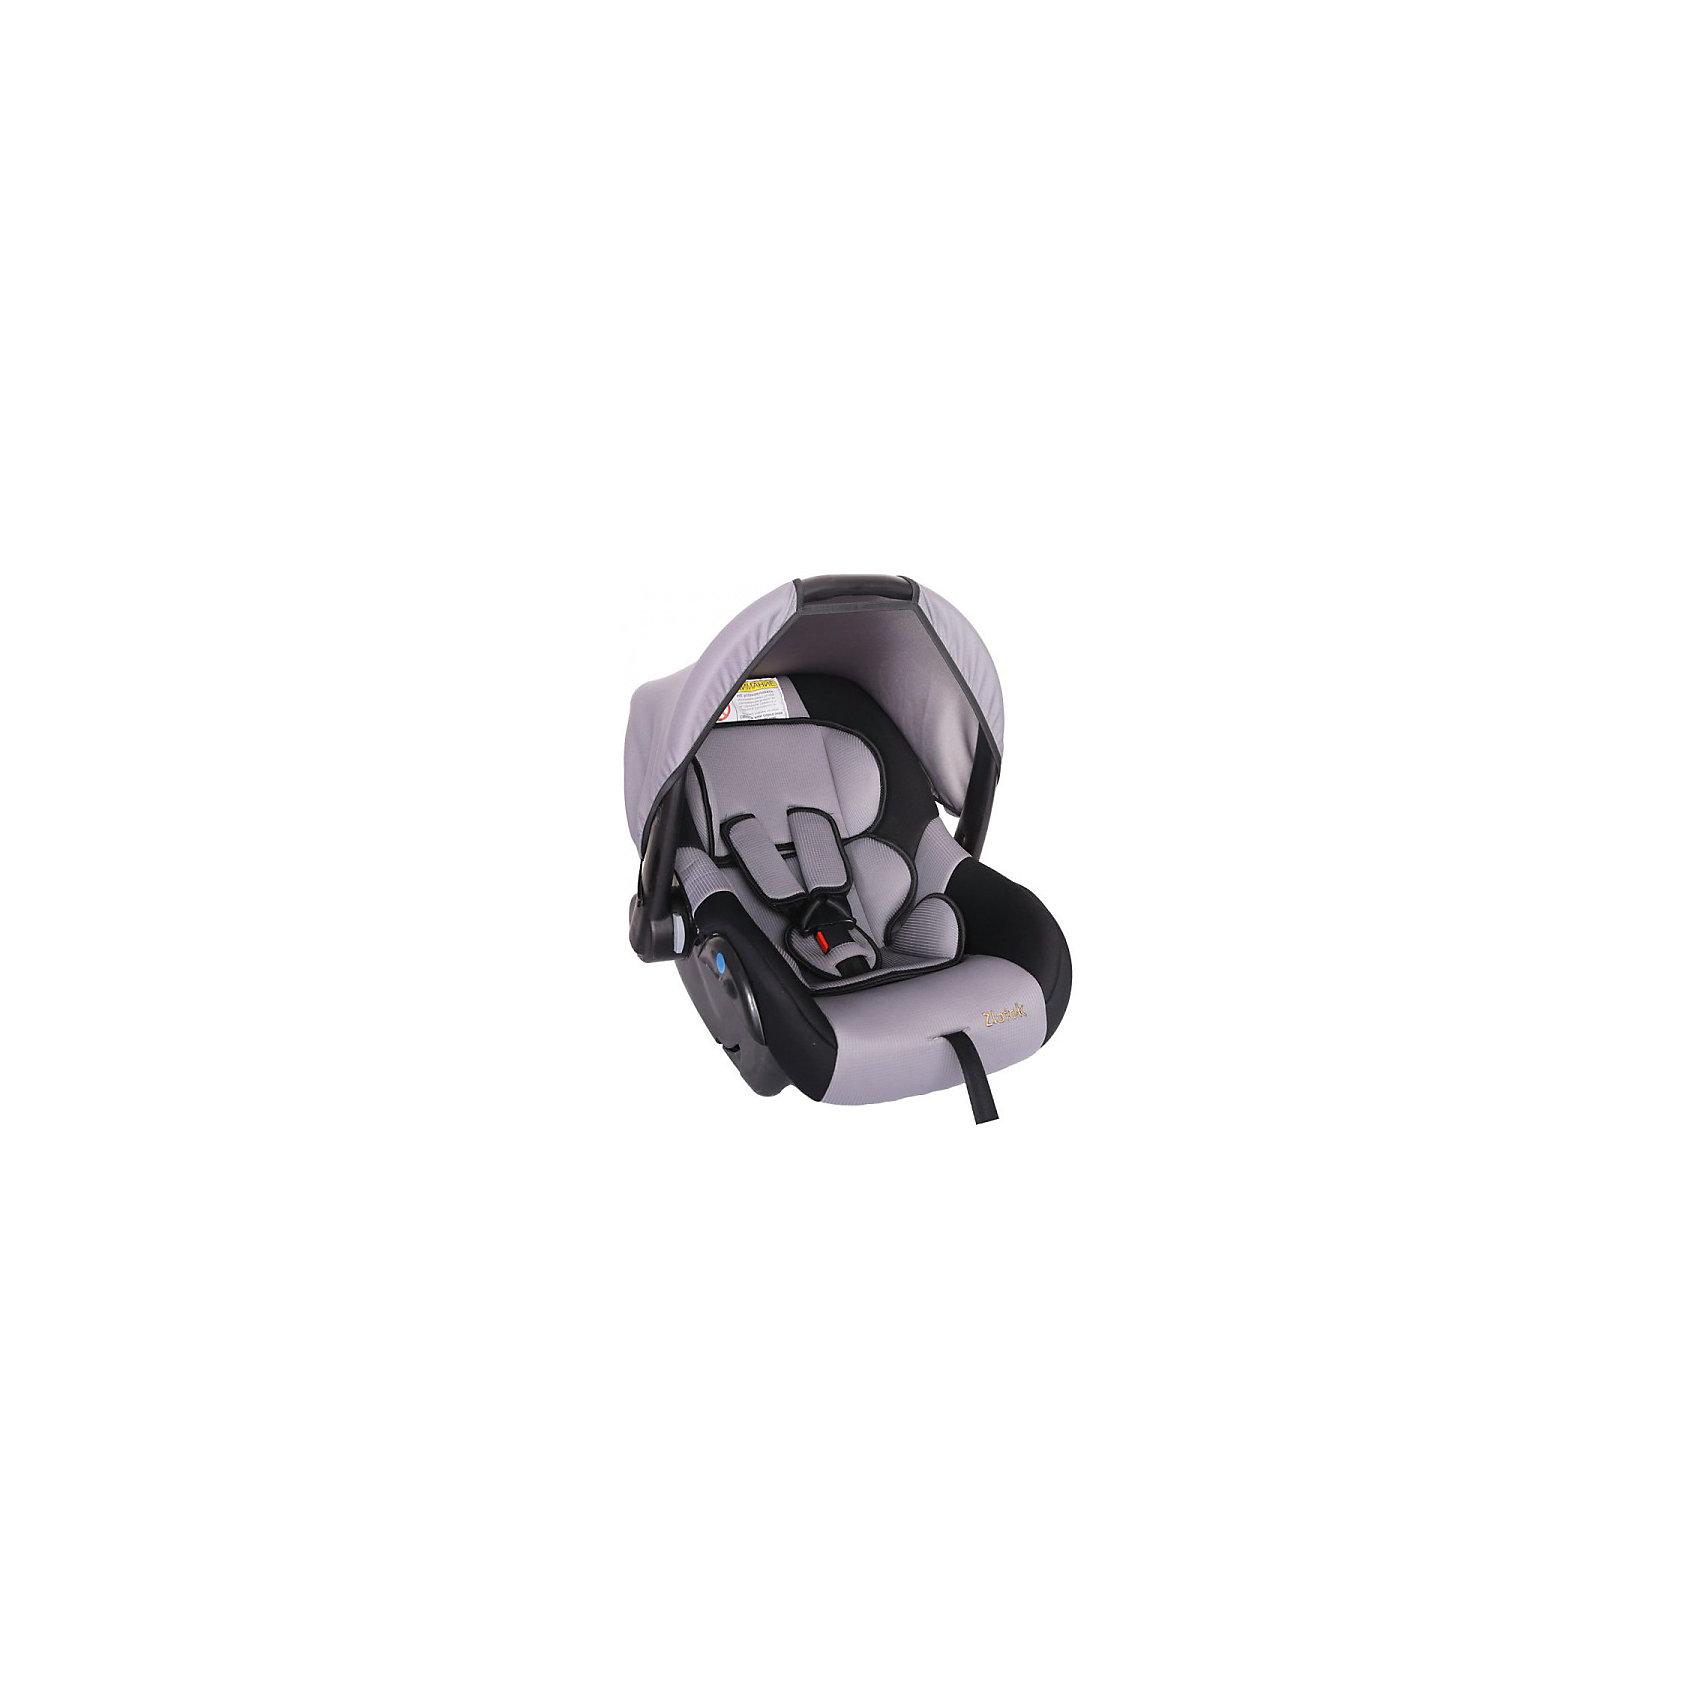 Автокресло Colibri 0-13 кг., Zlatek, серыйПрактичное и удобное кресло Colibri Zlatek предназначено для детей от рождения до 1,5 лет, его можно использовать как автокресло, переноску, кресло-качалку и колыбель. У автокресла есть удобная ручка для переноски и съёмный капюшон, который защищает ребенка от солнца. Внутренние 3-точечные ремни оснащены мягкими наплечниками, и легко регулируются под рост ребенка.<br><br>Дополнительная информация:<br><br>- Материал: текстиль, пластик, металл.<br>- Размер: 60x37x36 см<br>- Возраст: от 0 до 18 месяцев<br>- Группа: 0+ (до 13 кг)<br>- Вес кресла: 3.7 кг<br>- Внутренние 3-точечные ремни безопасности<br><br>Автокресло Colibri 0-13 кг., Zlatek, серый можно купить в нашем интернет-магазине.<br><br>Ширина мм: 600<br>Глубина мм: 360<br>Высота мм: 370<br>Вес г: 3700<br>Возраст от месяцев: 0<br>Возраст до месяцев: 18<br>Пол: Унисекс<br>Возраст: Детский<br>SKU: 4809128